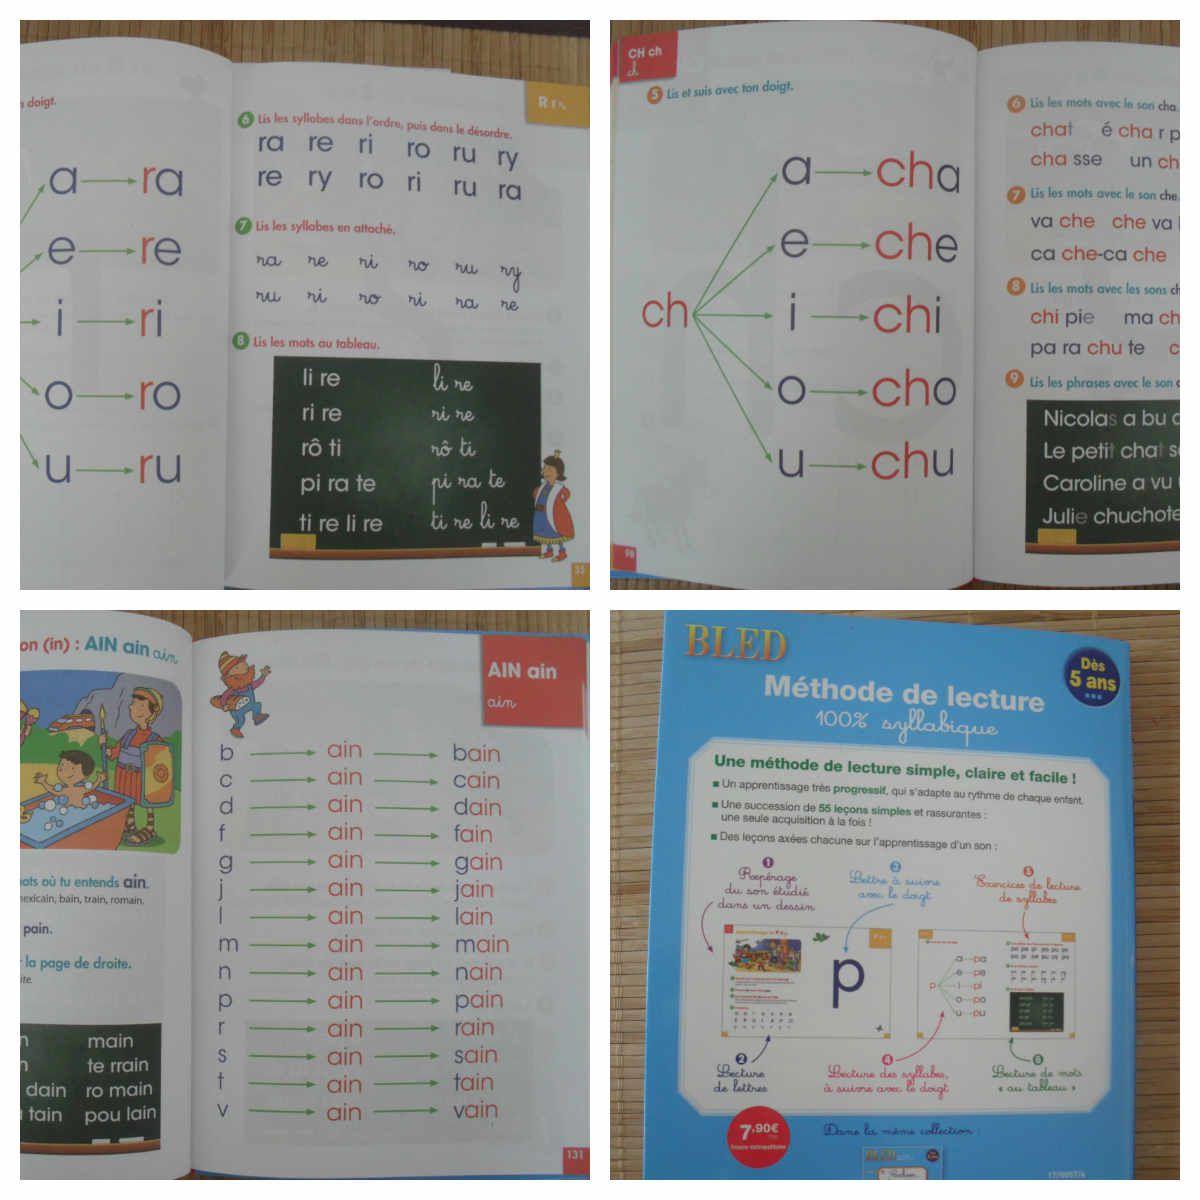 L'apprentissage de la lecture par la methode syllabique {#Test}{#Hachette}{#ApprendreAlire}